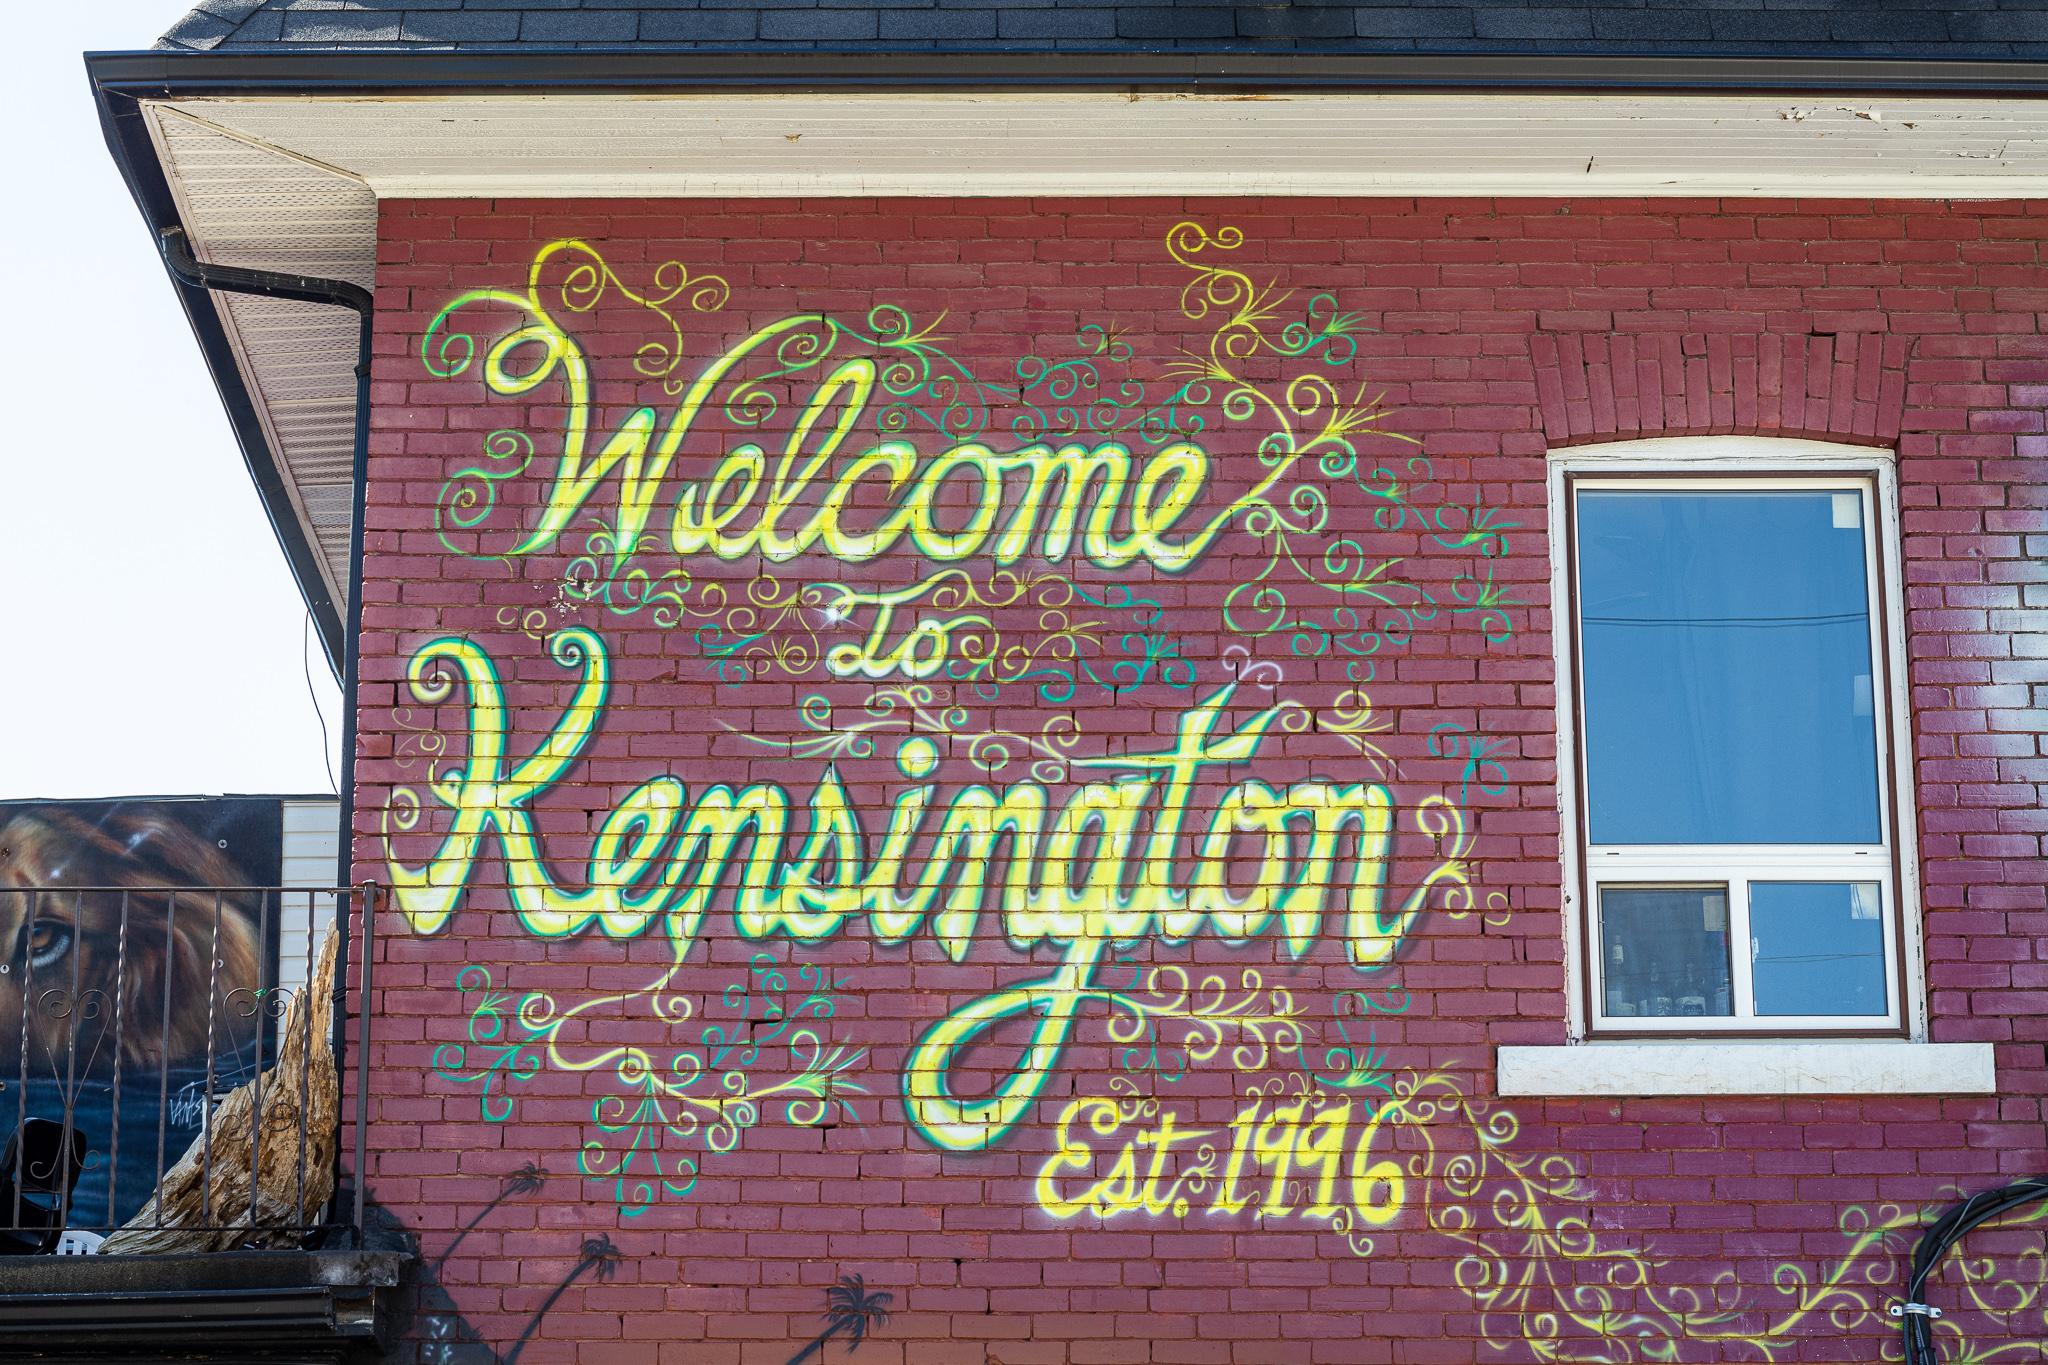 Kensington ist ein buntes Viertel - nicht nur an dieser Wand.